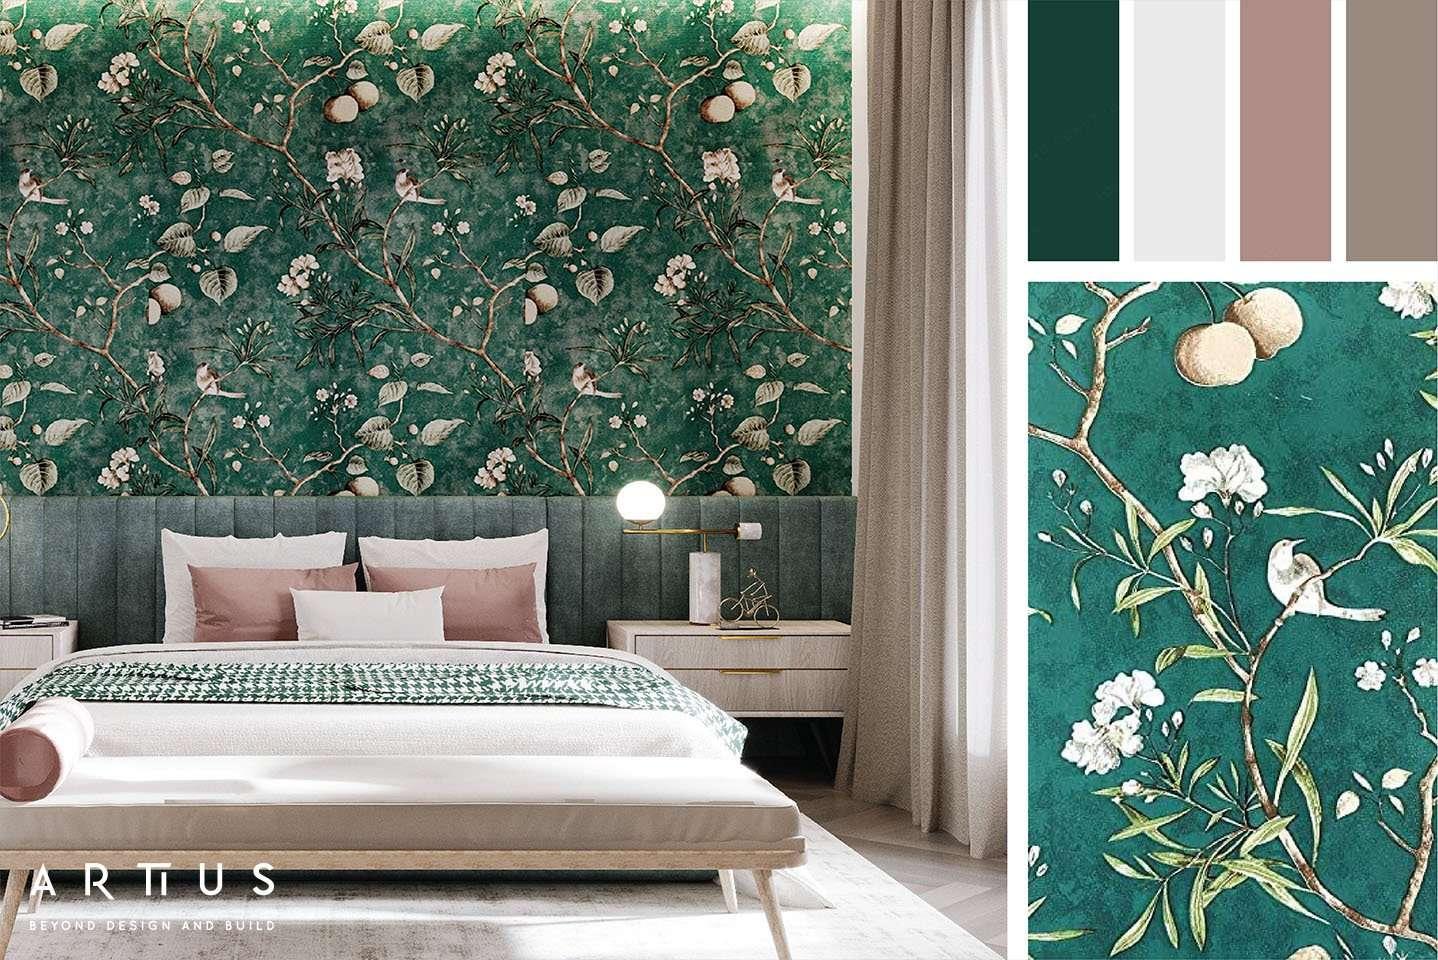 Giấy dán tường họa tiết hoa - màu nổi bật